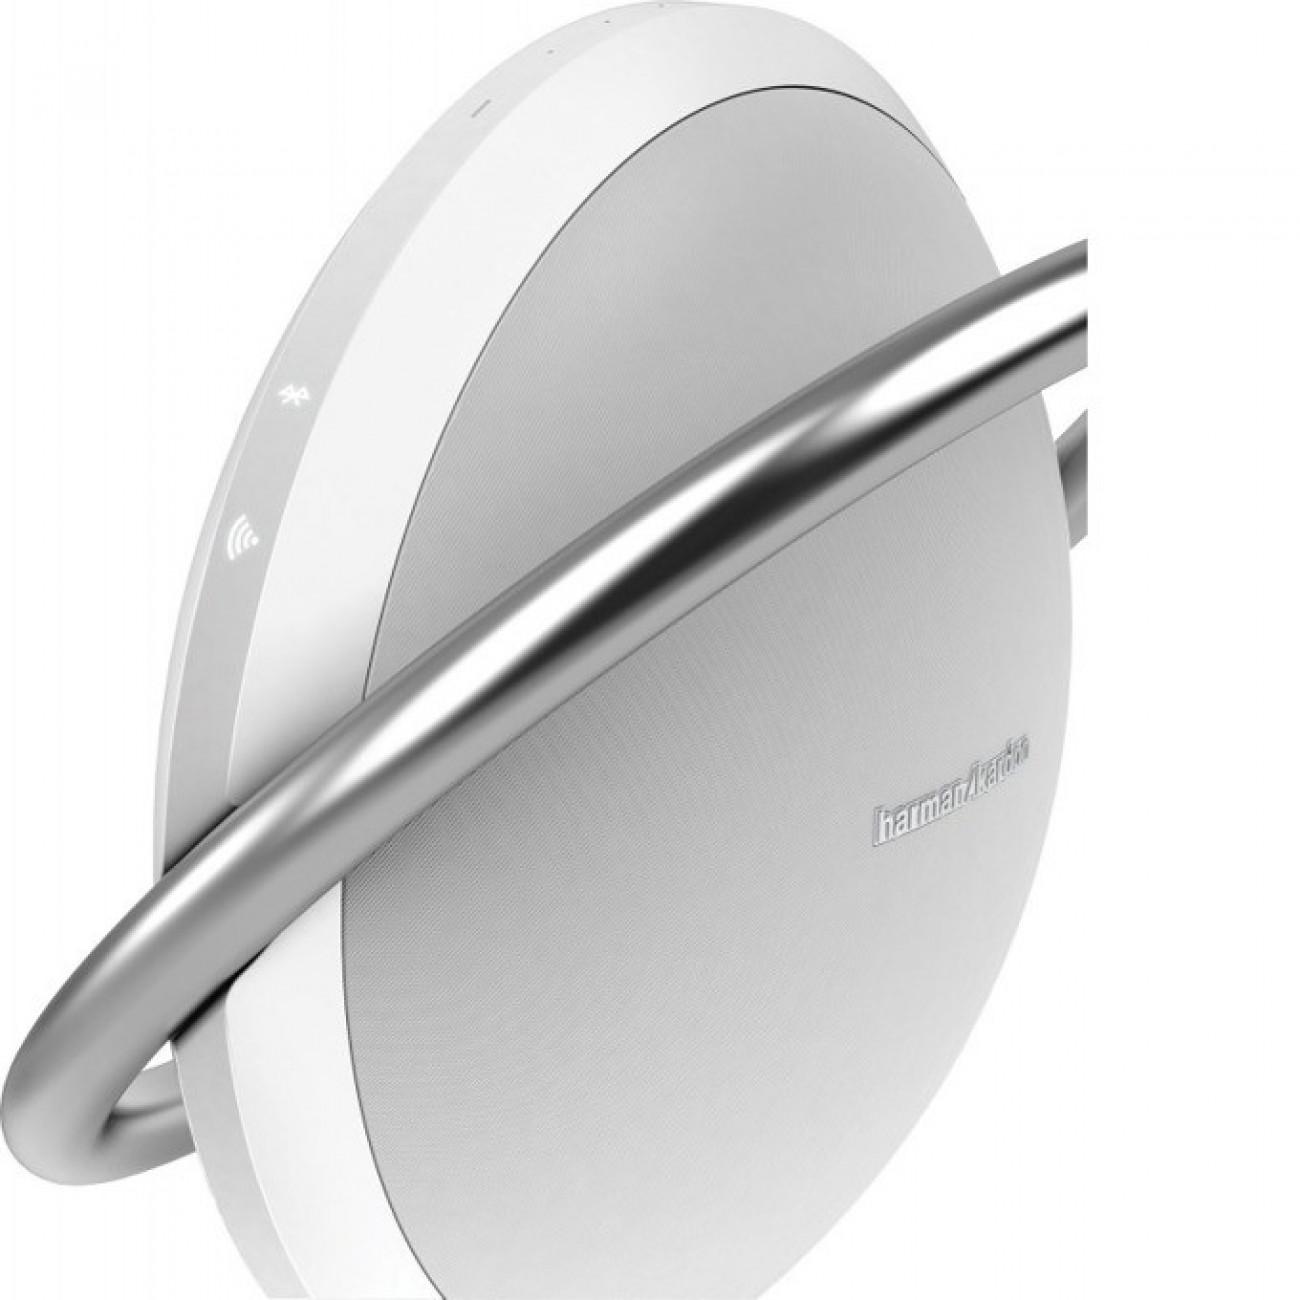 Тонколона harman/kardon Onyx, 1.0, 60W RMS (4 x 15W), Bluetooth, бяла в Колони -  | Alleop